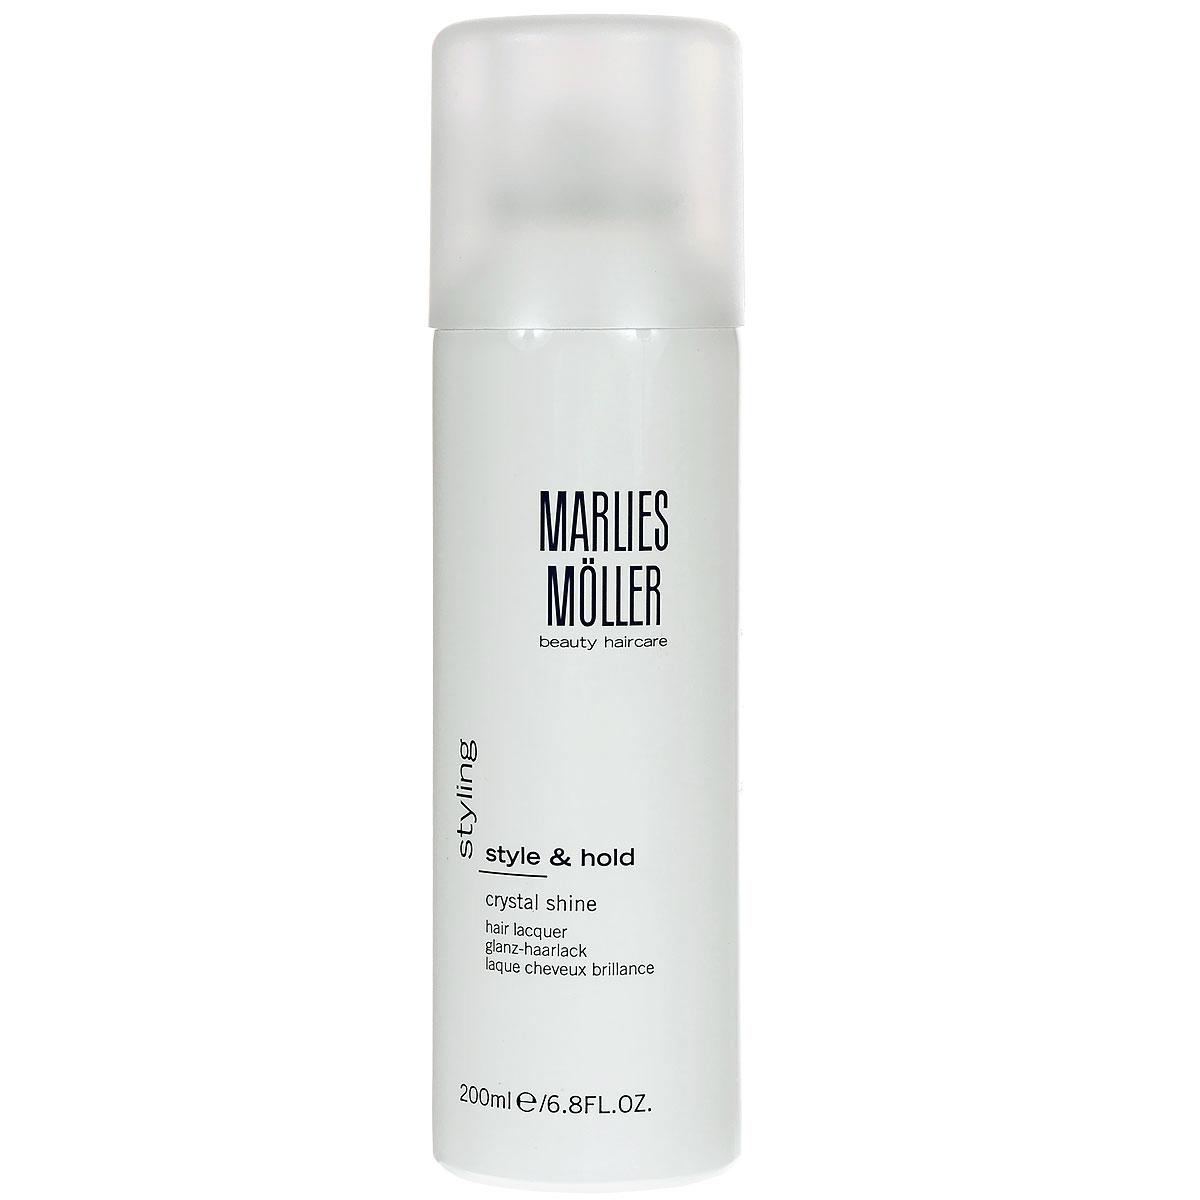 Marlies Moller Лак Styling для волос, кристальный блеск, 200 млБ33041_шампунь-барбарис и липа, скраб -черная смородинаЗавораживающее и изящное завершение укладки. Сухой лак обеспечивает превосходную фиксацию, благодаря мелкодисперсному аэрозолю быстро сохнет и чётко фиксирует. Ультра сильная фиксация без потери объема. Легко удаляется с волос. Профессиональный стайлинг для сияющего блеска волос. В составе - хрустальная пудра, которая дает искрящийся блеск, отражает свет и придает прическе ультра глянцевое сияние. Лак защищает волосы от влажного воздуха. UV-защита.Завершая укладку, нанесите лак, держа флакон на расстоянии 20-30 см.